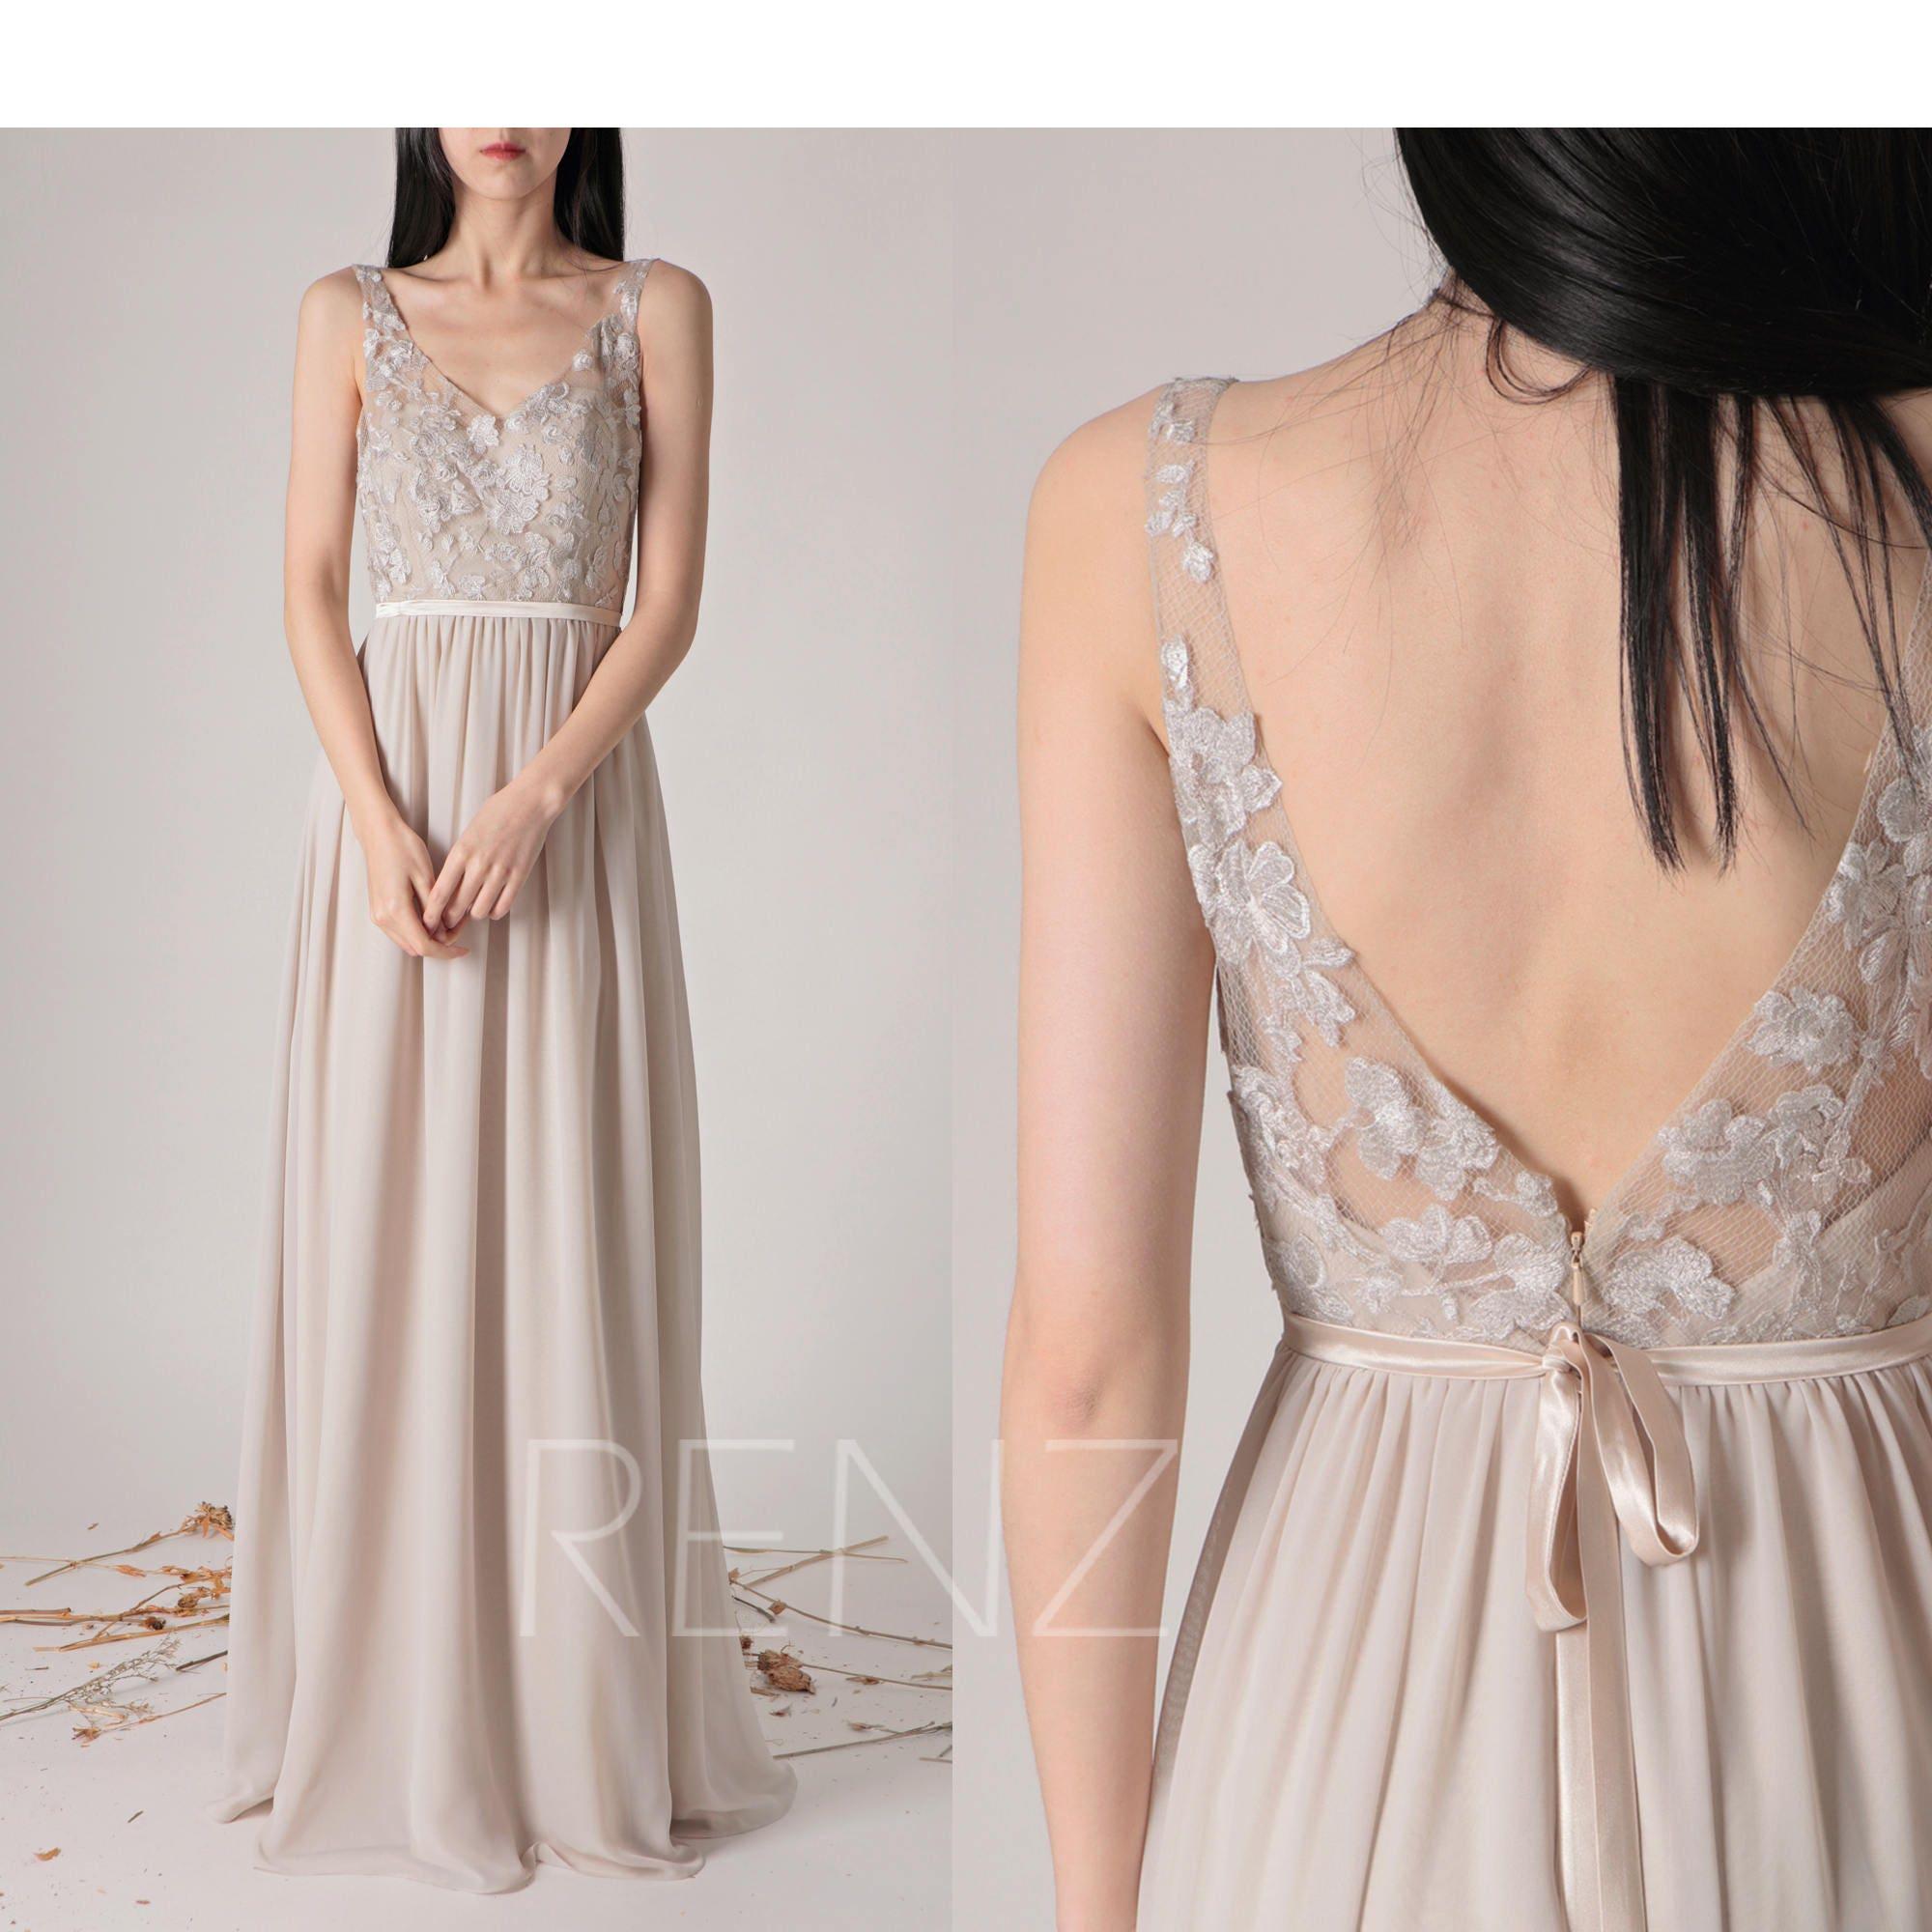 Ausgezeichnet Erstellen Sie Ihre Eigenen Brautjungfer Kleid Fotos ...